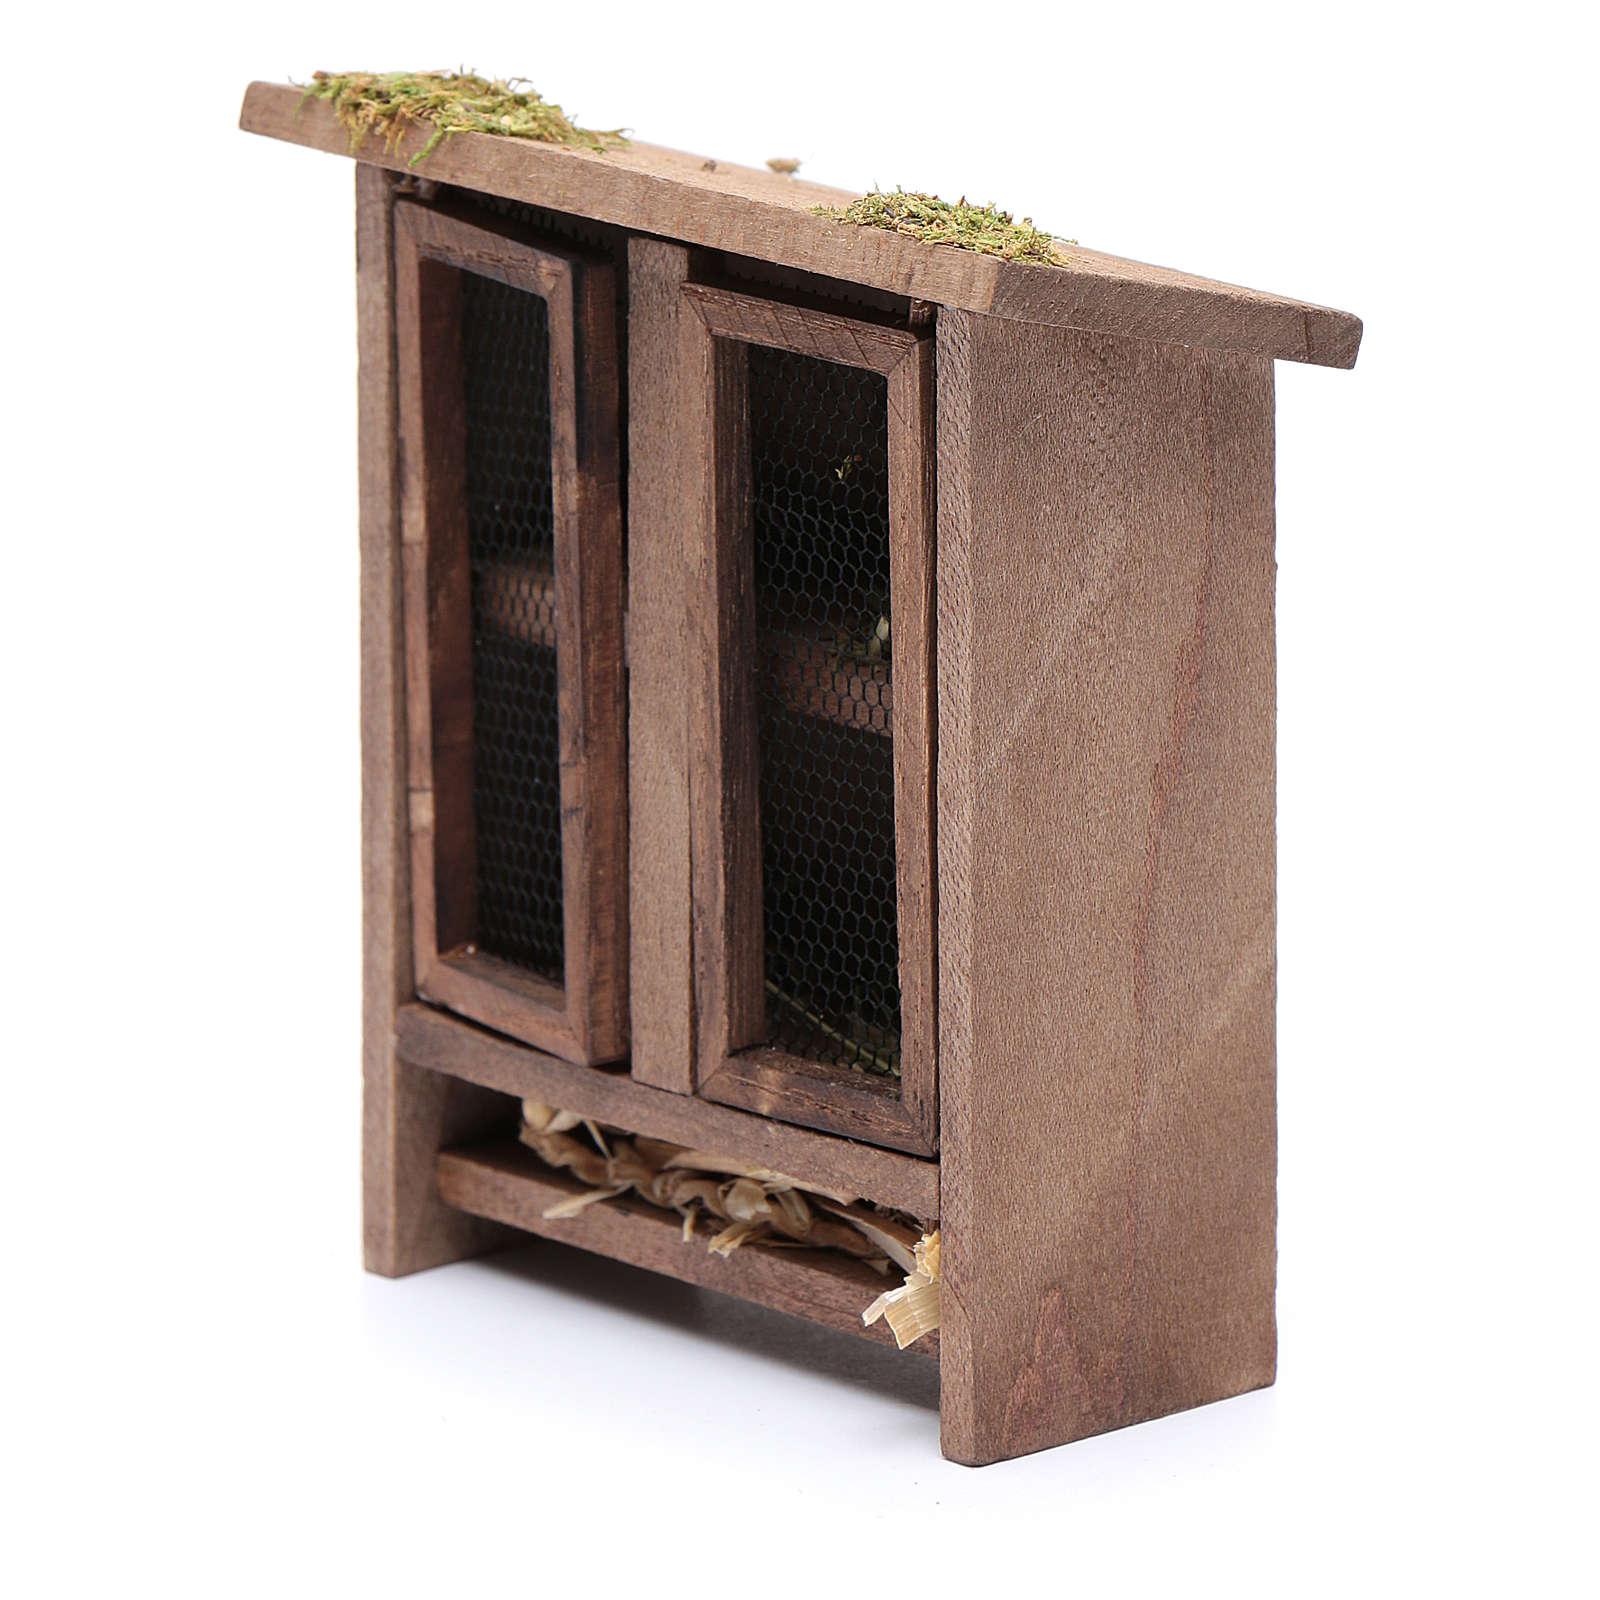 Klatka rozbudowana na zające 10x10x5 cm do szopki 3